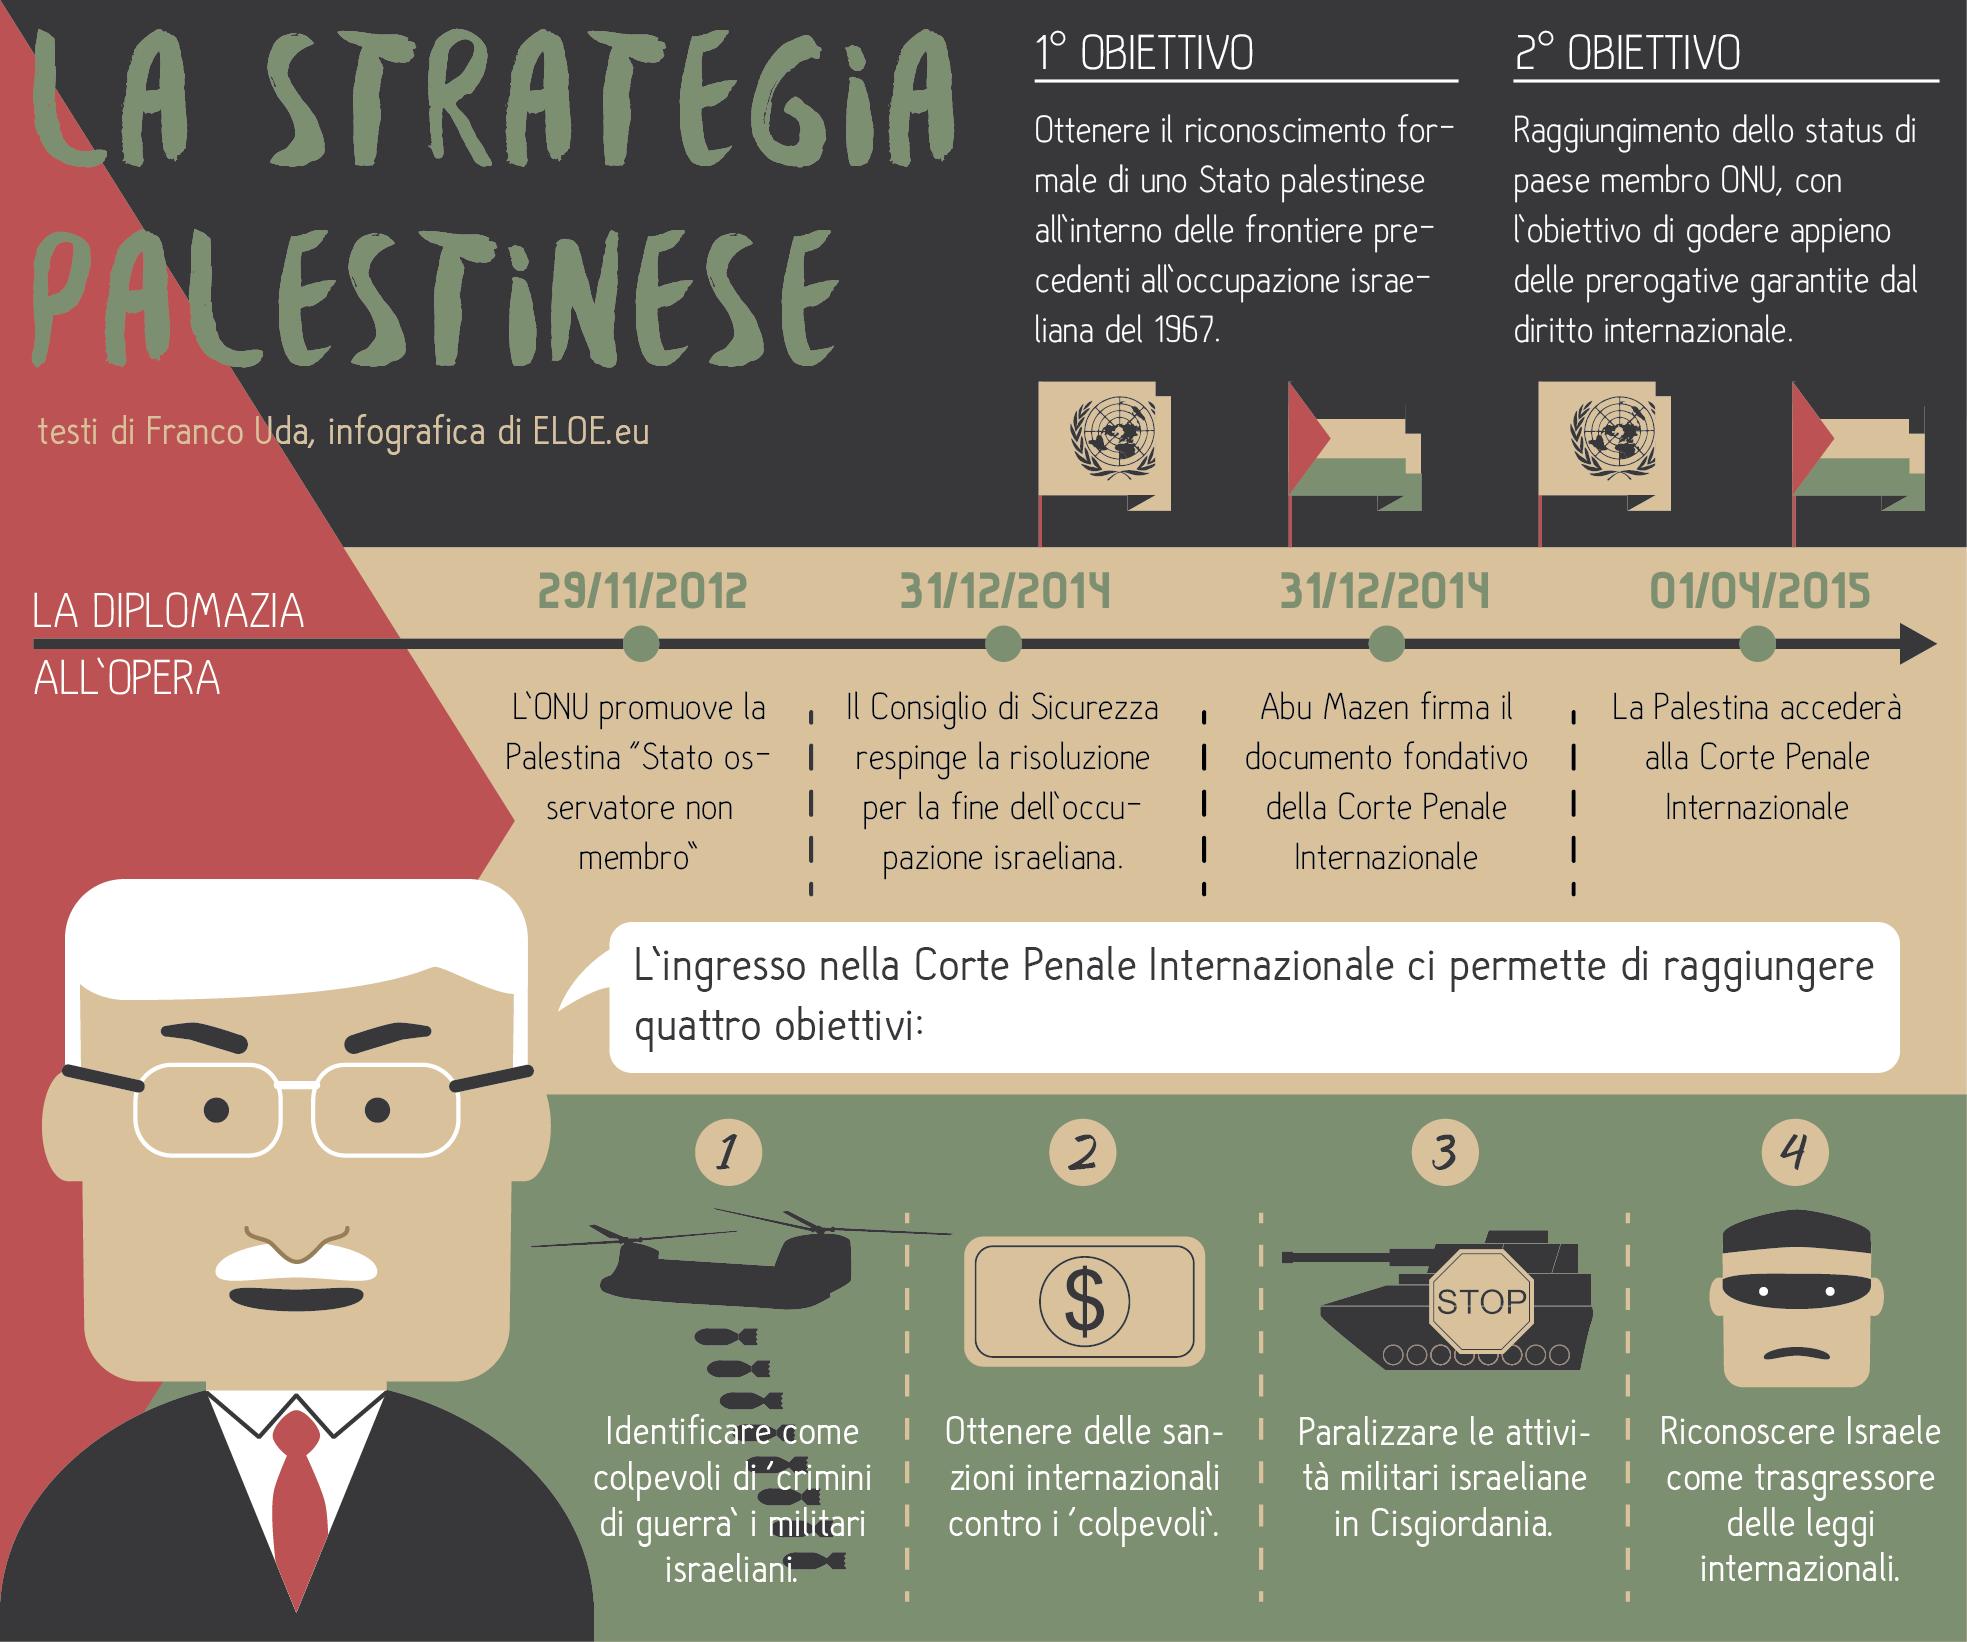 Infografica sulla strategia diplomatica di Abu Mazen in Palestina